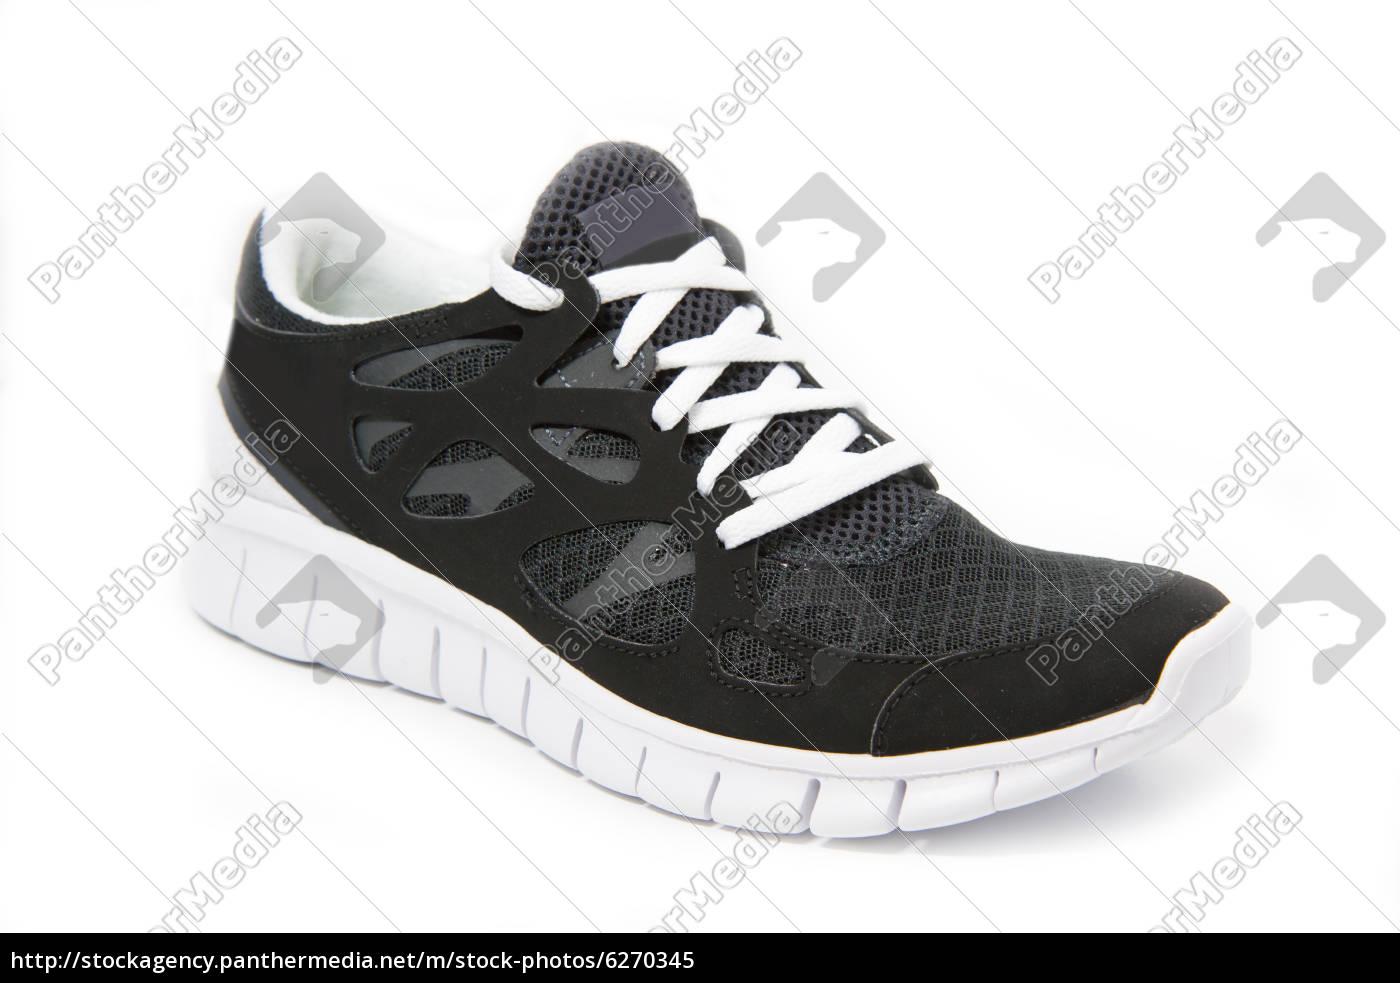 Stockfoto 6270345 Sportschuhe Joggingschuhe auf weißem Hintergrund